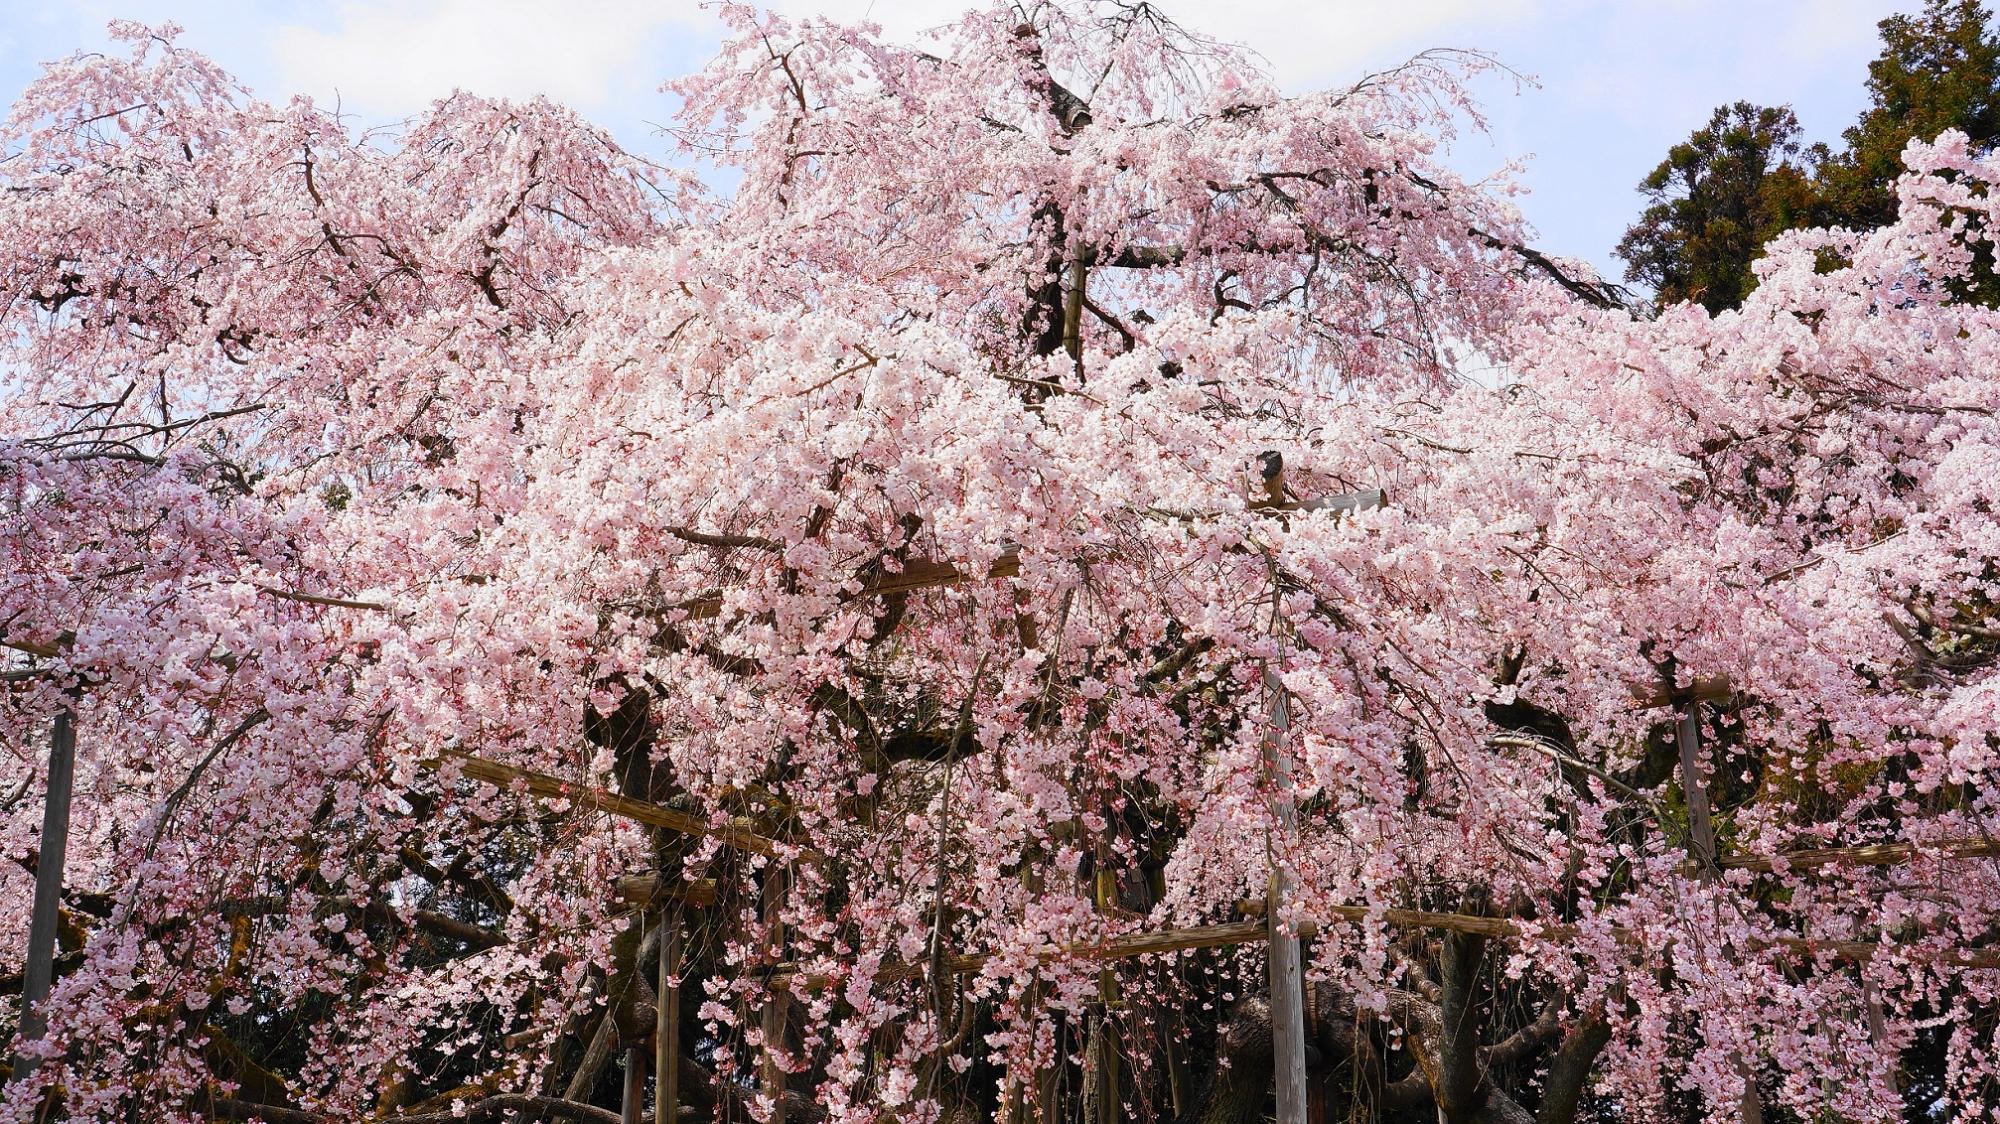 桜の名所の醍醐寺の三宝院の満開の見事な太閤しだれ桜